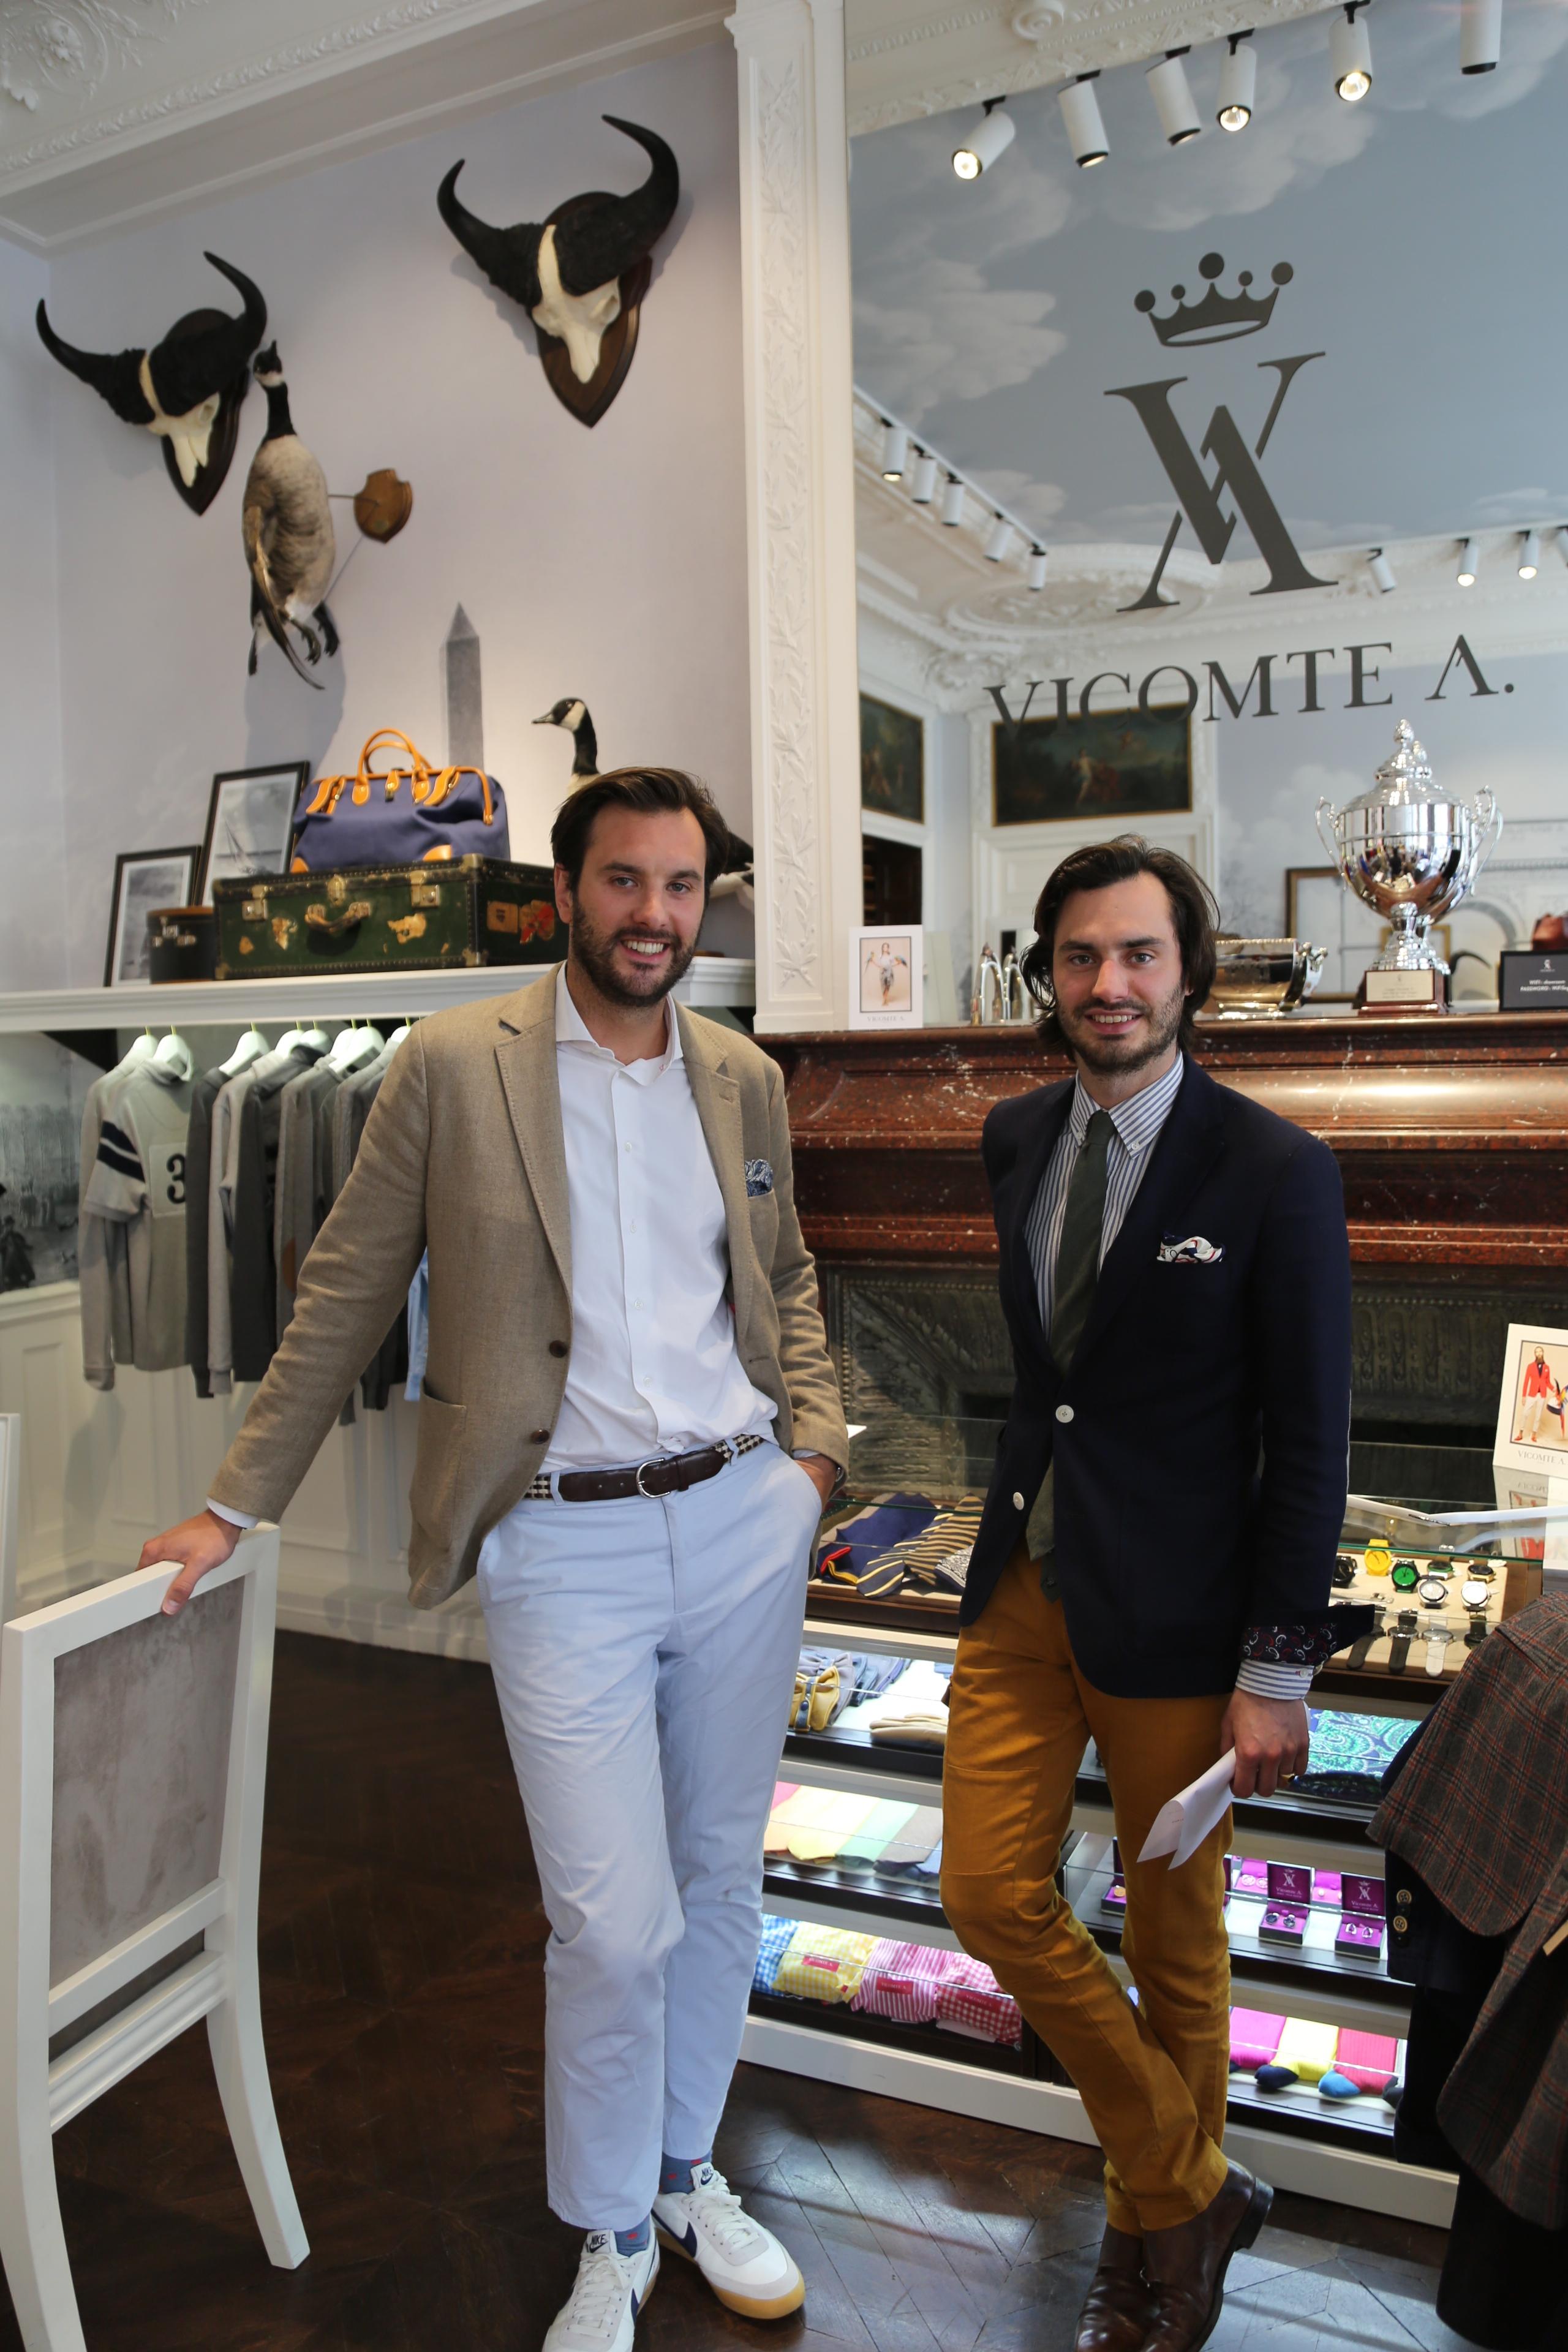 ©Chevalannonce - (de gauche à droite) Arthur et Marcy de Soultrait dans le showroom Vicomte A